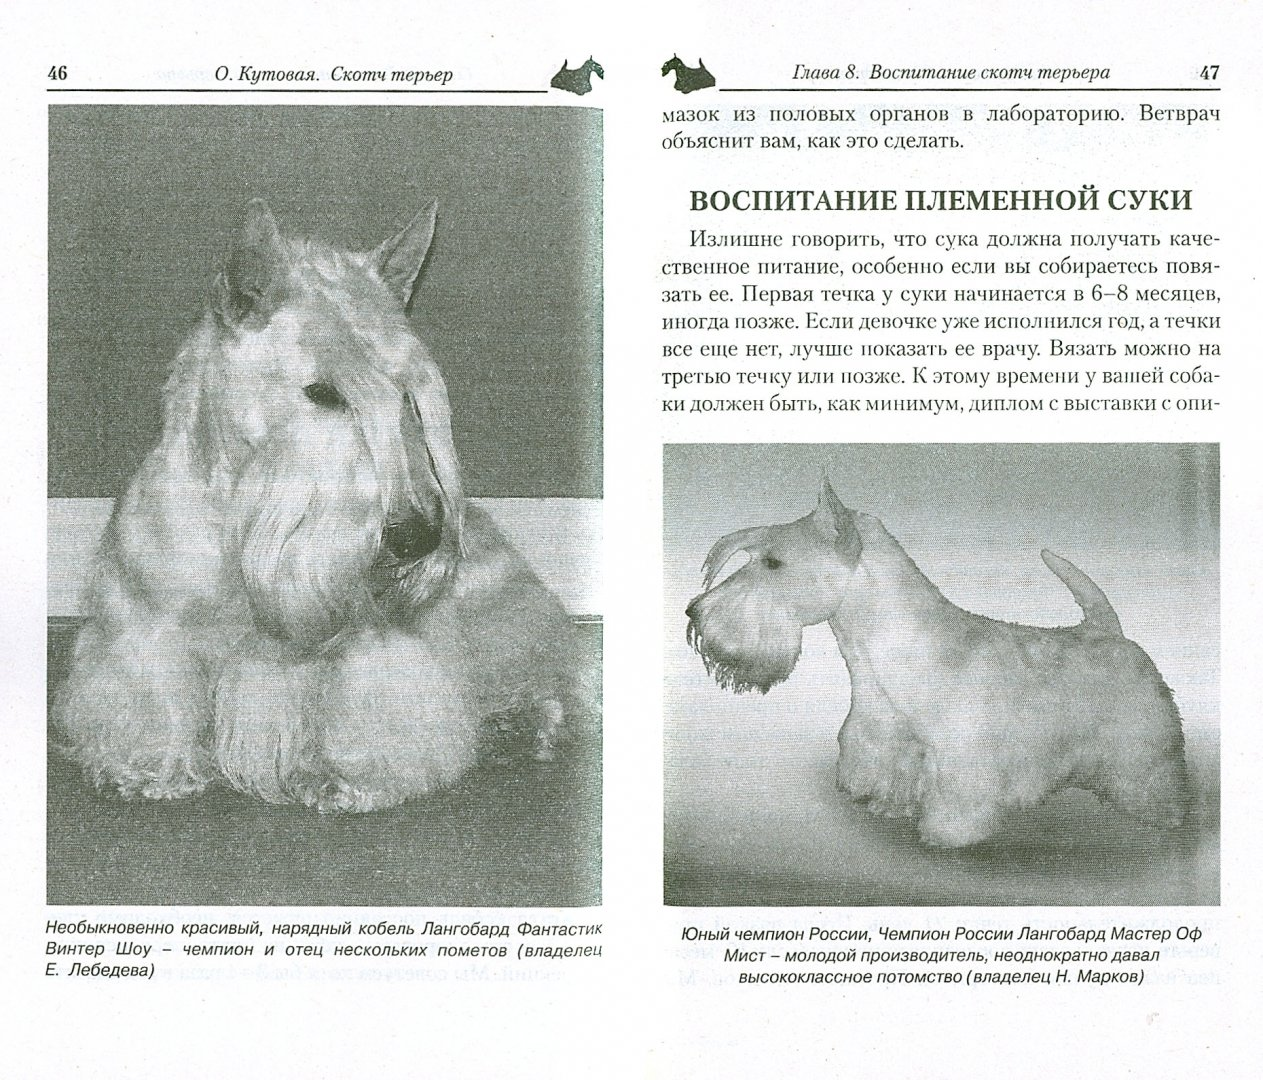 Иллюстрация 1 из 28 для Скотч терьер. Маленький джентльмен - Ольгп Кутовая | Лабиринт - книги. Источник: Лабиринт